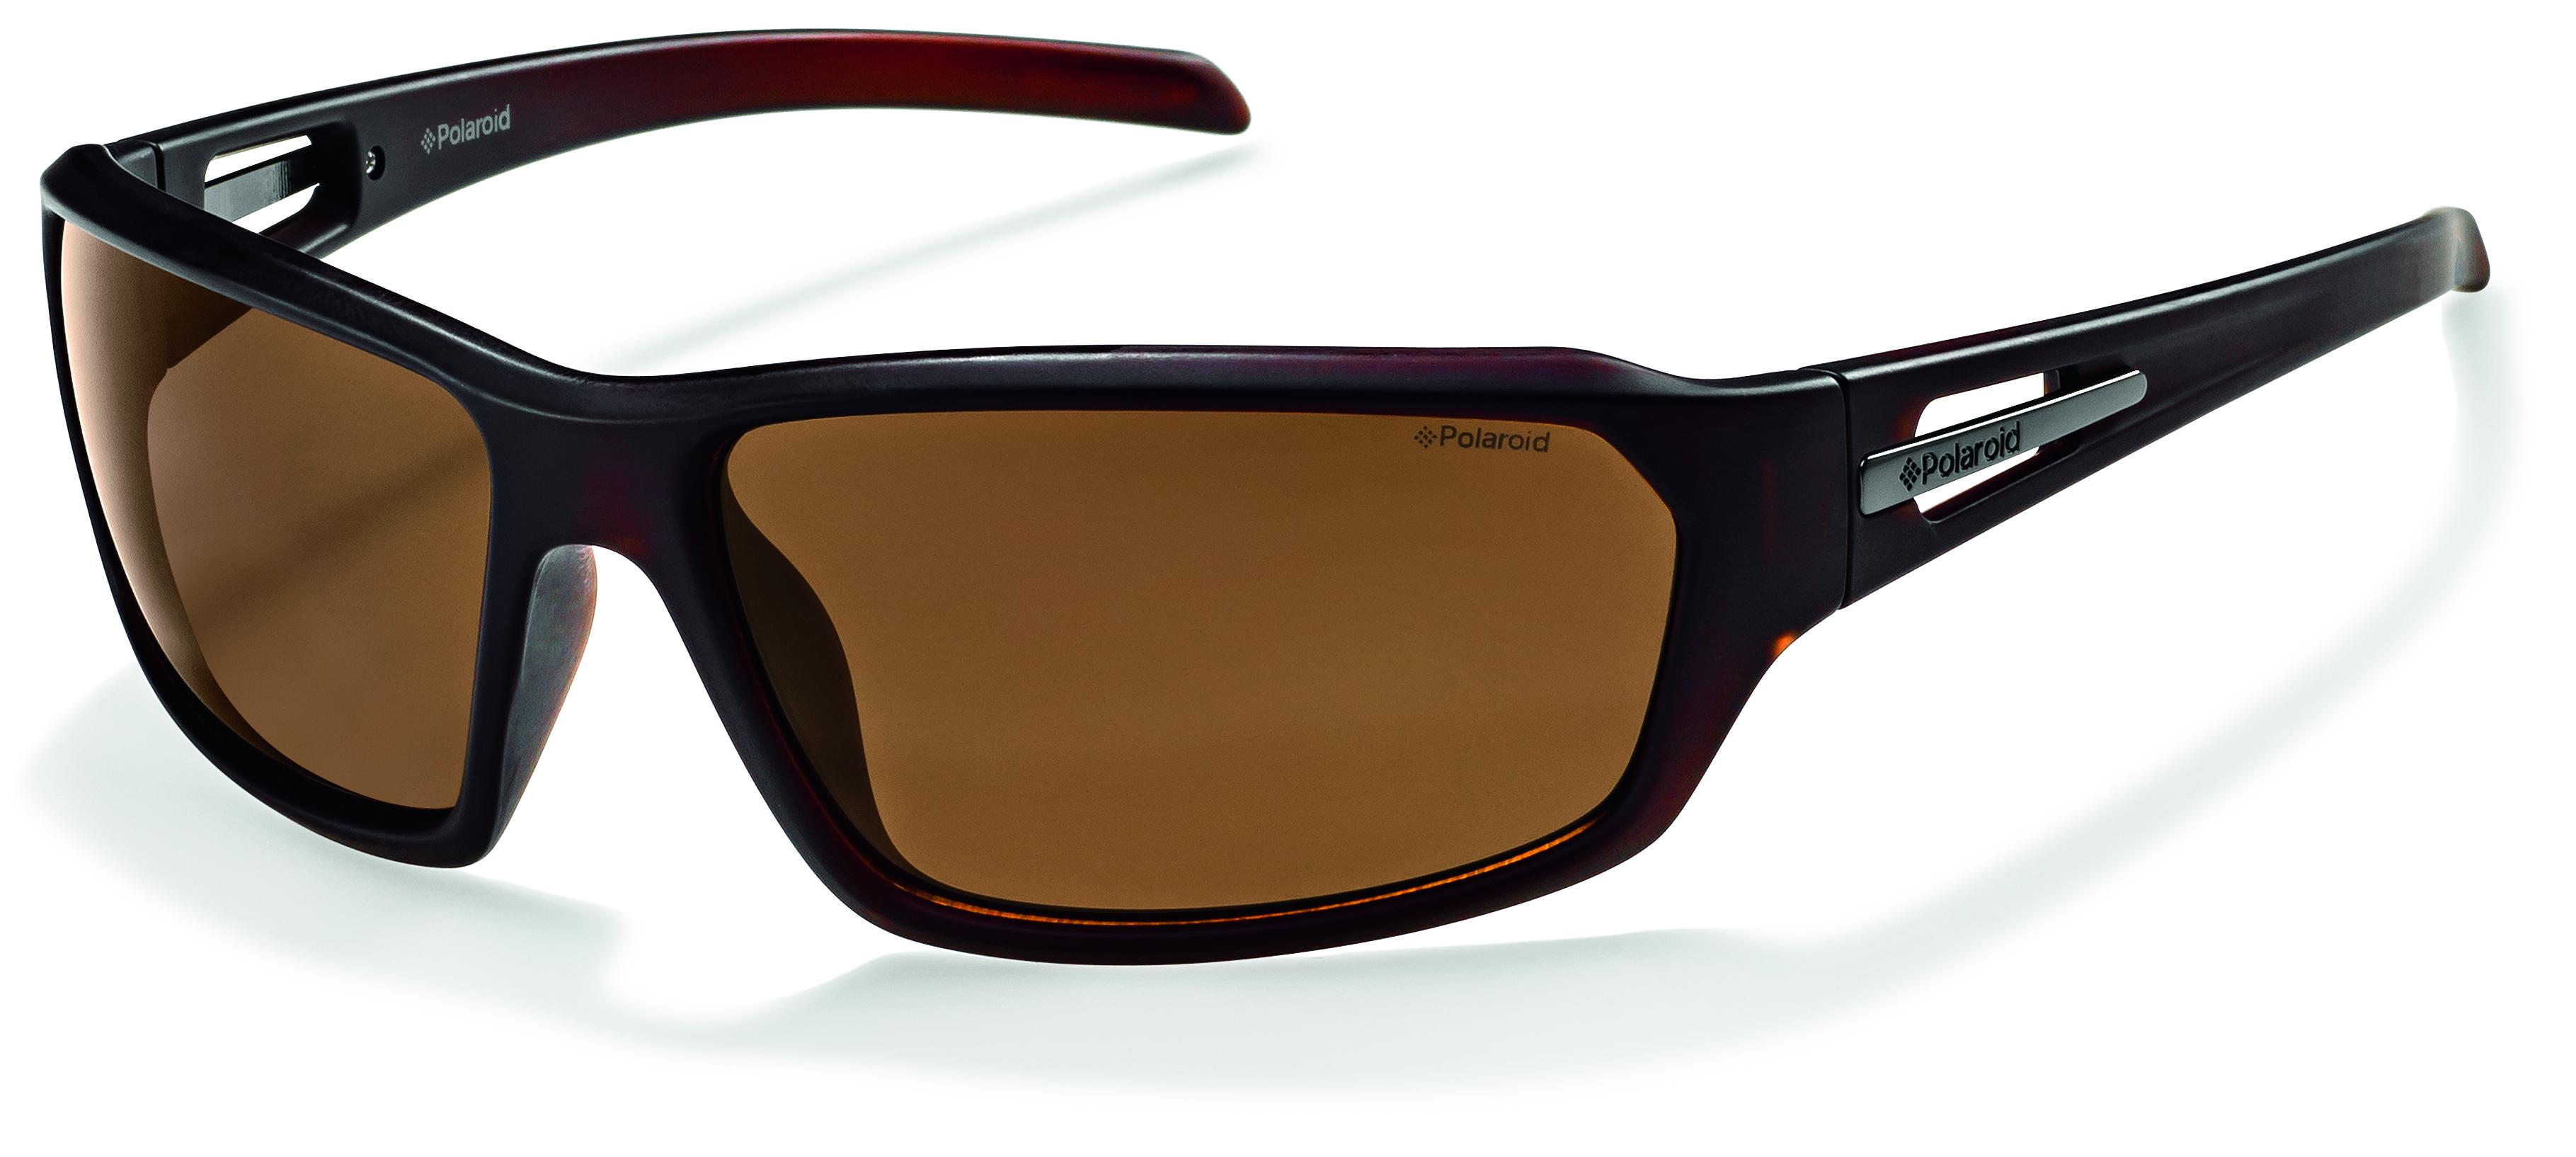 Polaroid очки поляризационные P8408BP8408BПоляризационные солнцезащитные очки Polaroid обеспечивают видение без бликов, 100%-ую защиту от ультрафиолетового излучения, естественные цвета, чистые контрасты и снижение усталости глаз. Все линзы обладают ударопрочными свойствами и стойкостью к царапинам для защиты Ваших глаз. Очки Polaroid - лучшие солнцезащитные очки с поляризационными линзами по доступным ценам.